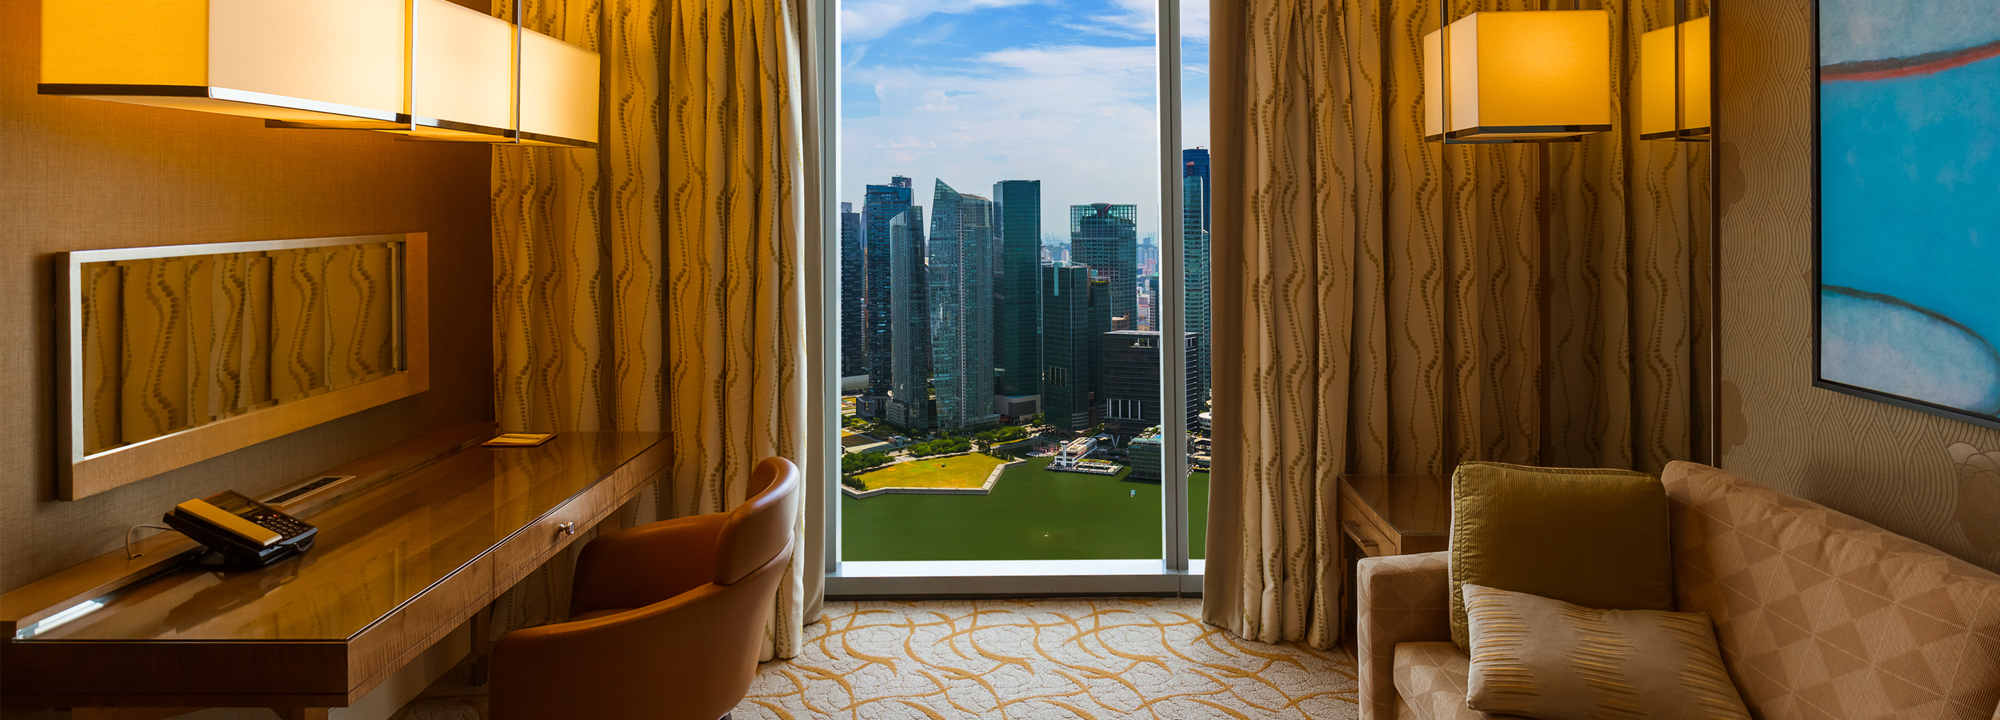 Výhled z hotelového pokoje